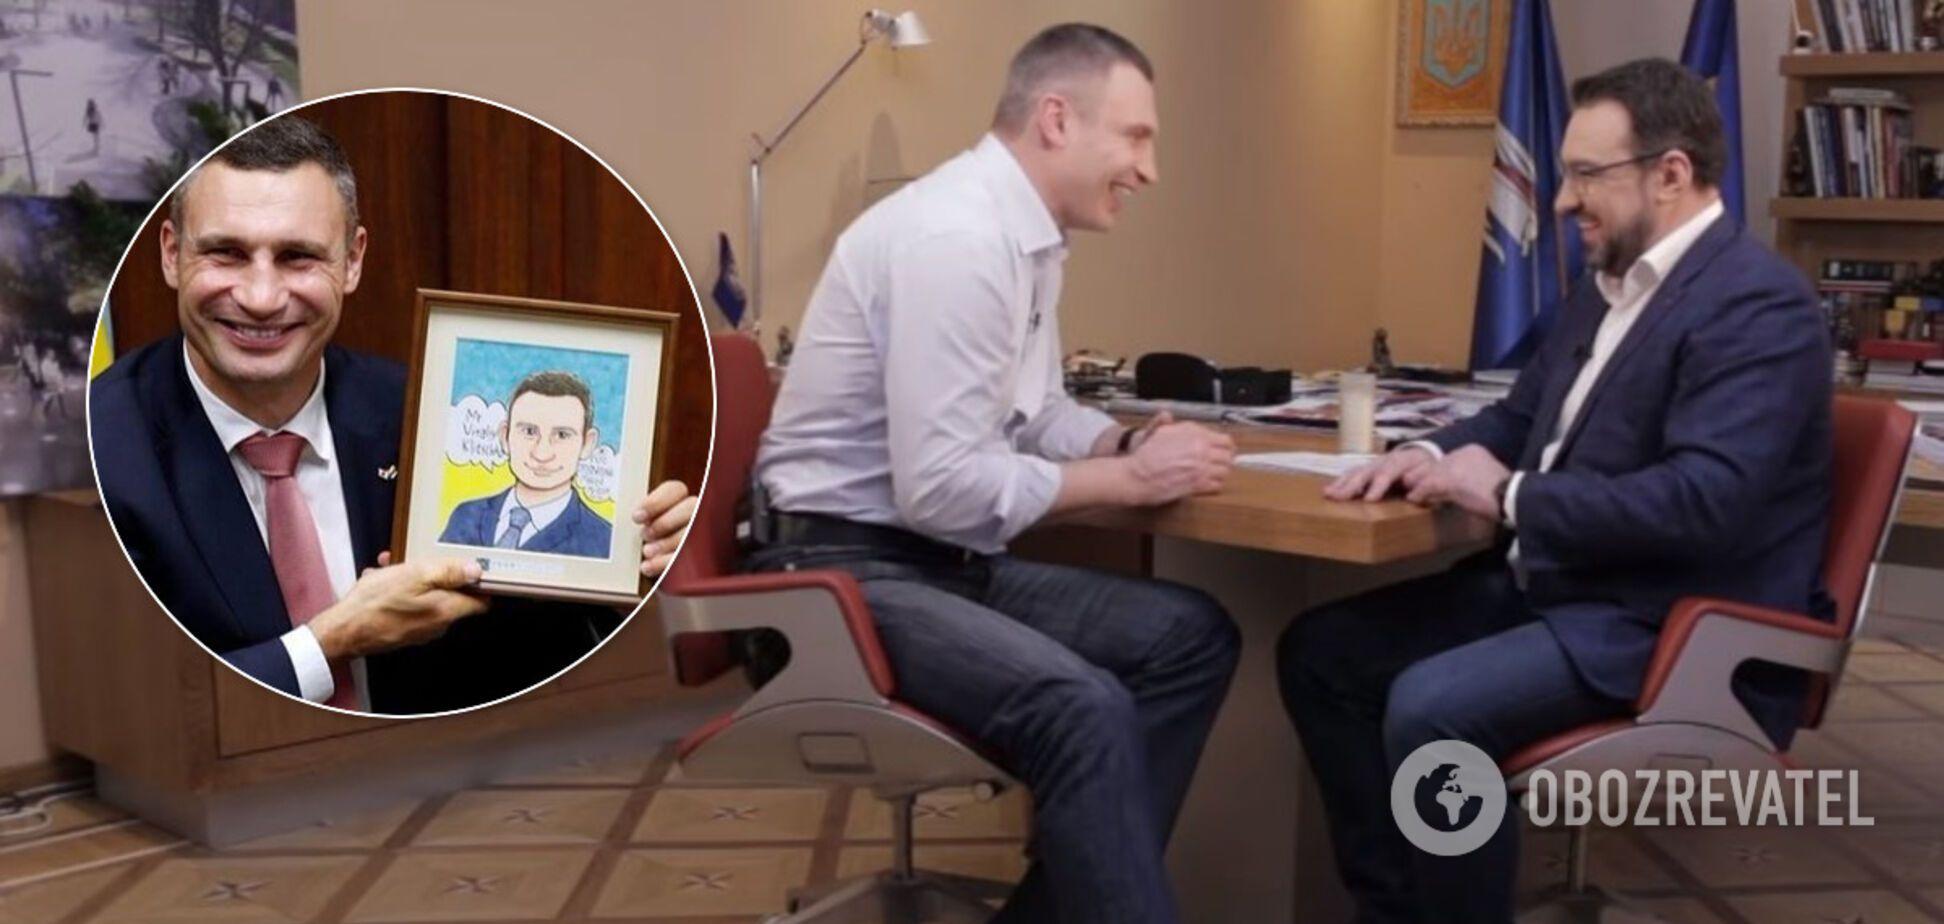 О Зеленском, Порошенко, поездке в США и мостах: откровенное интервью Кличко